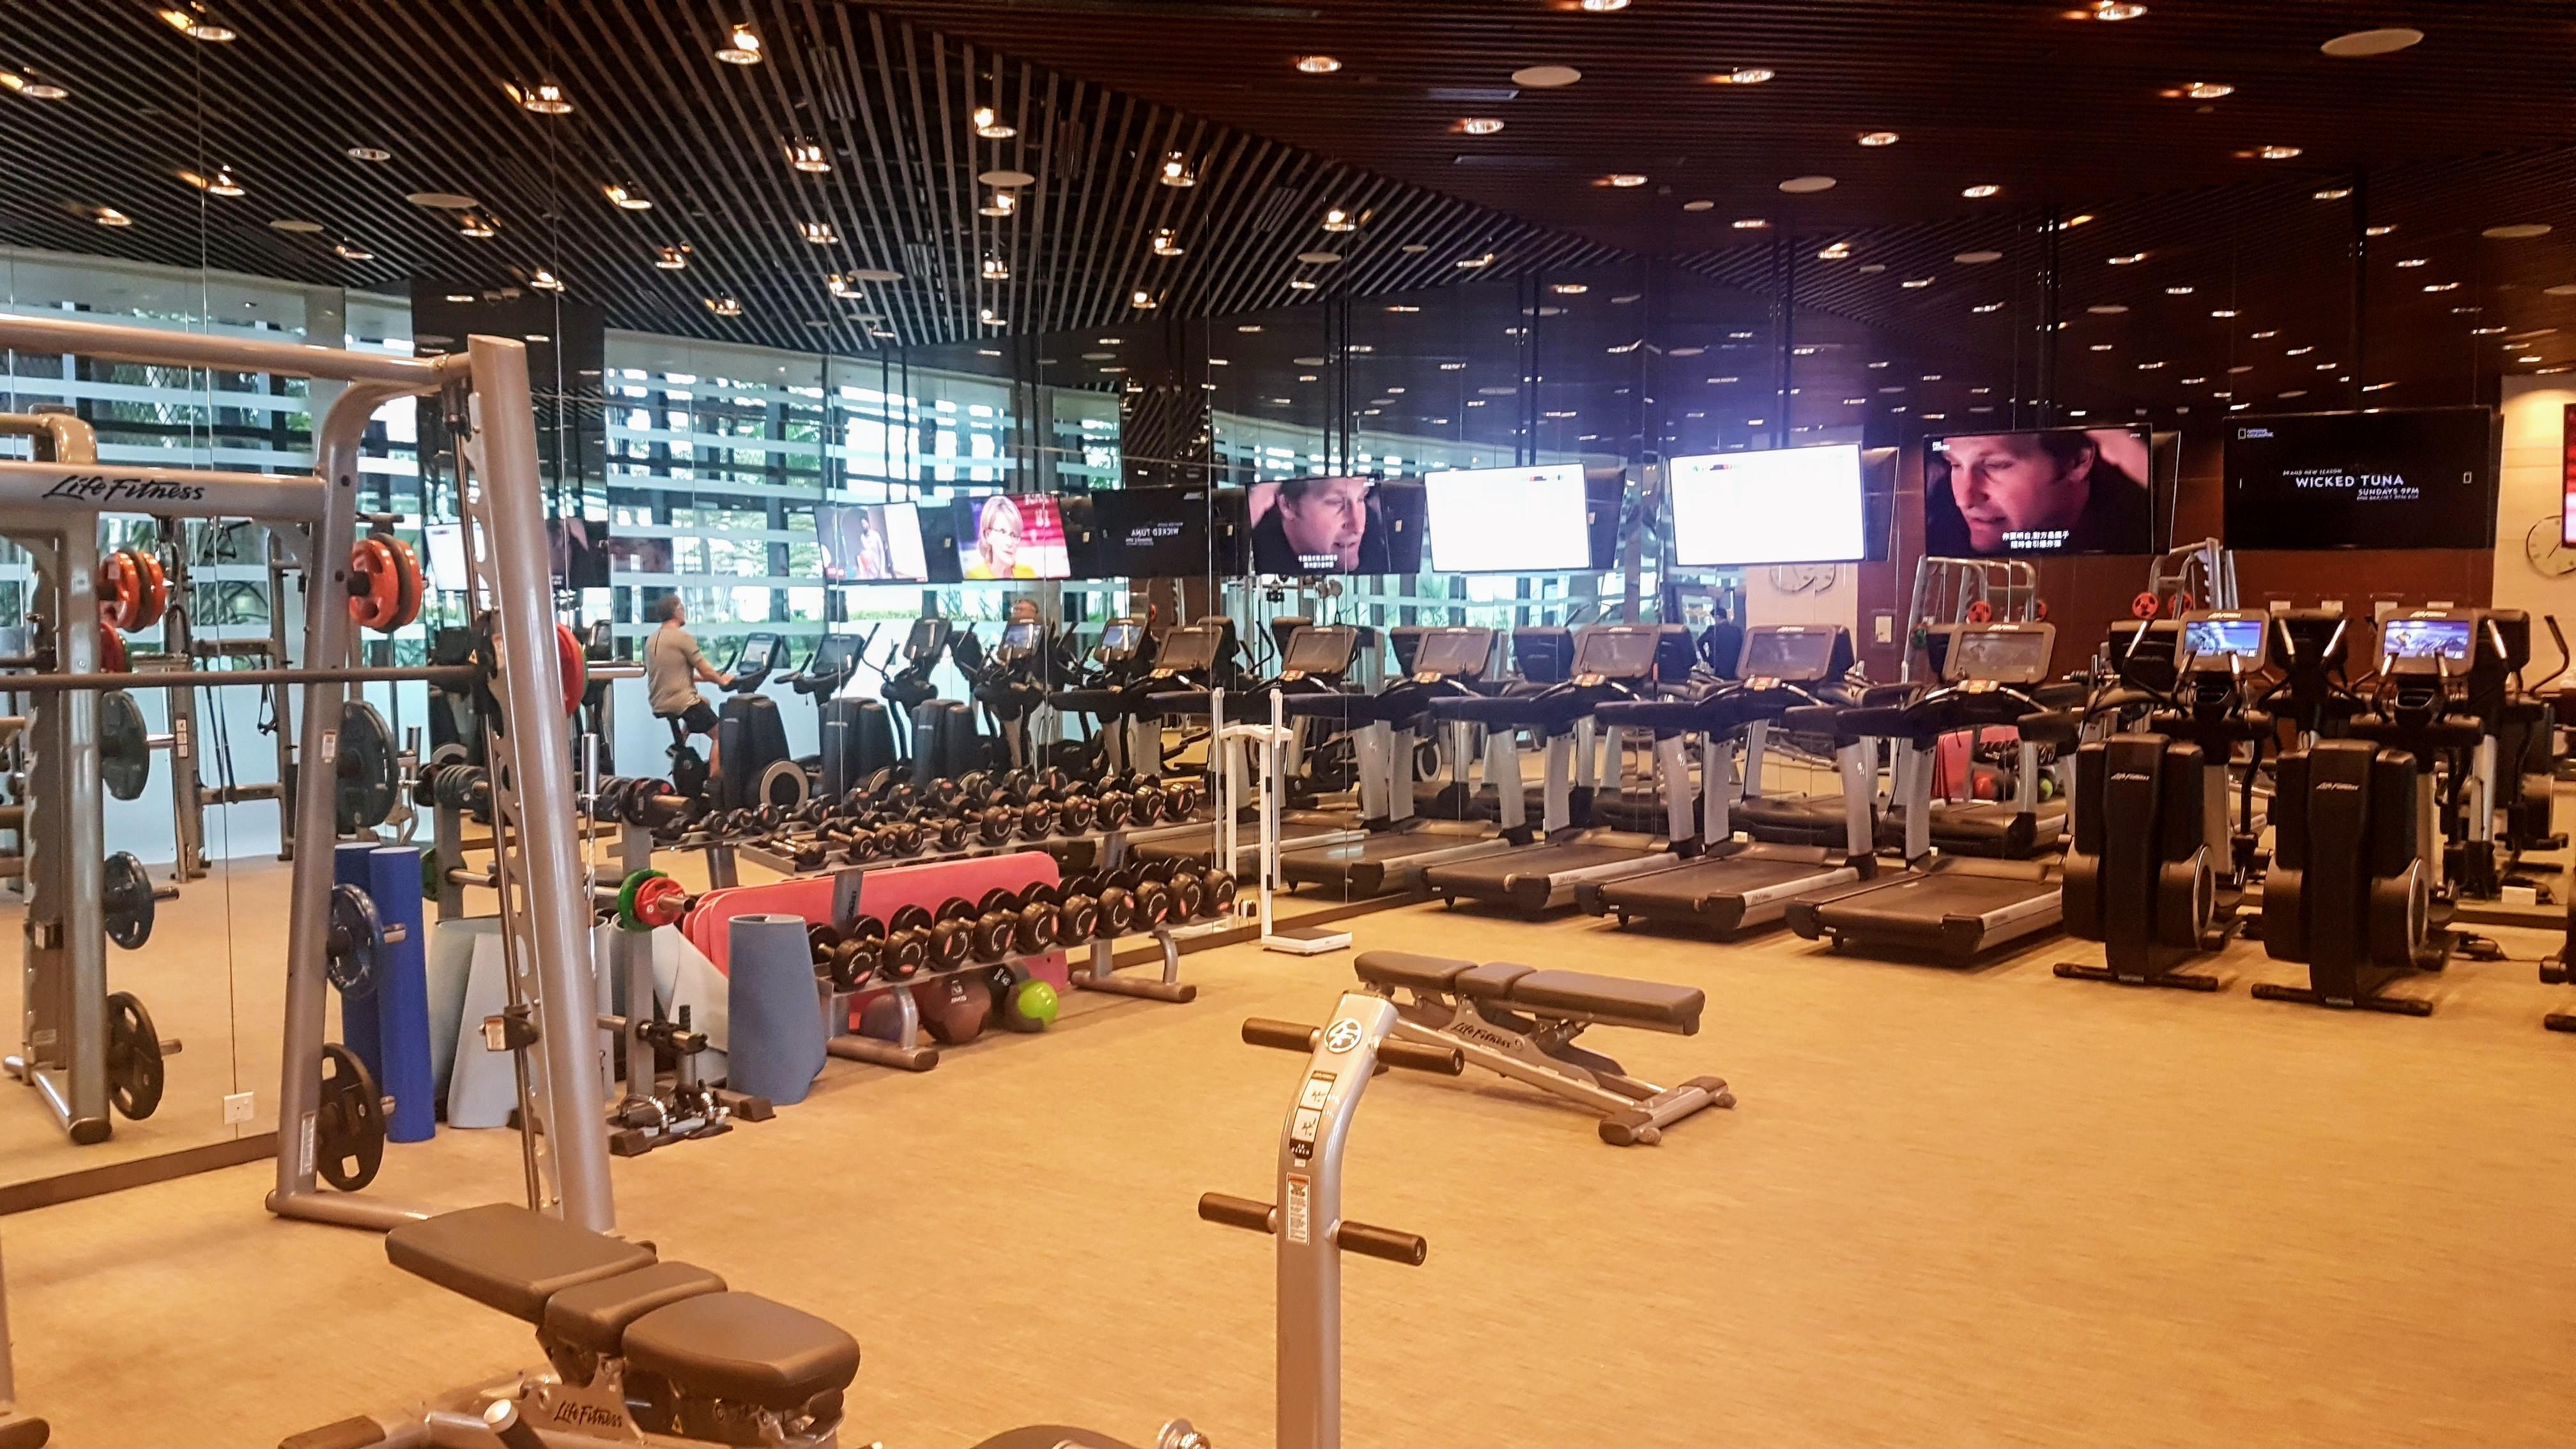 One Farrer Singapore gym